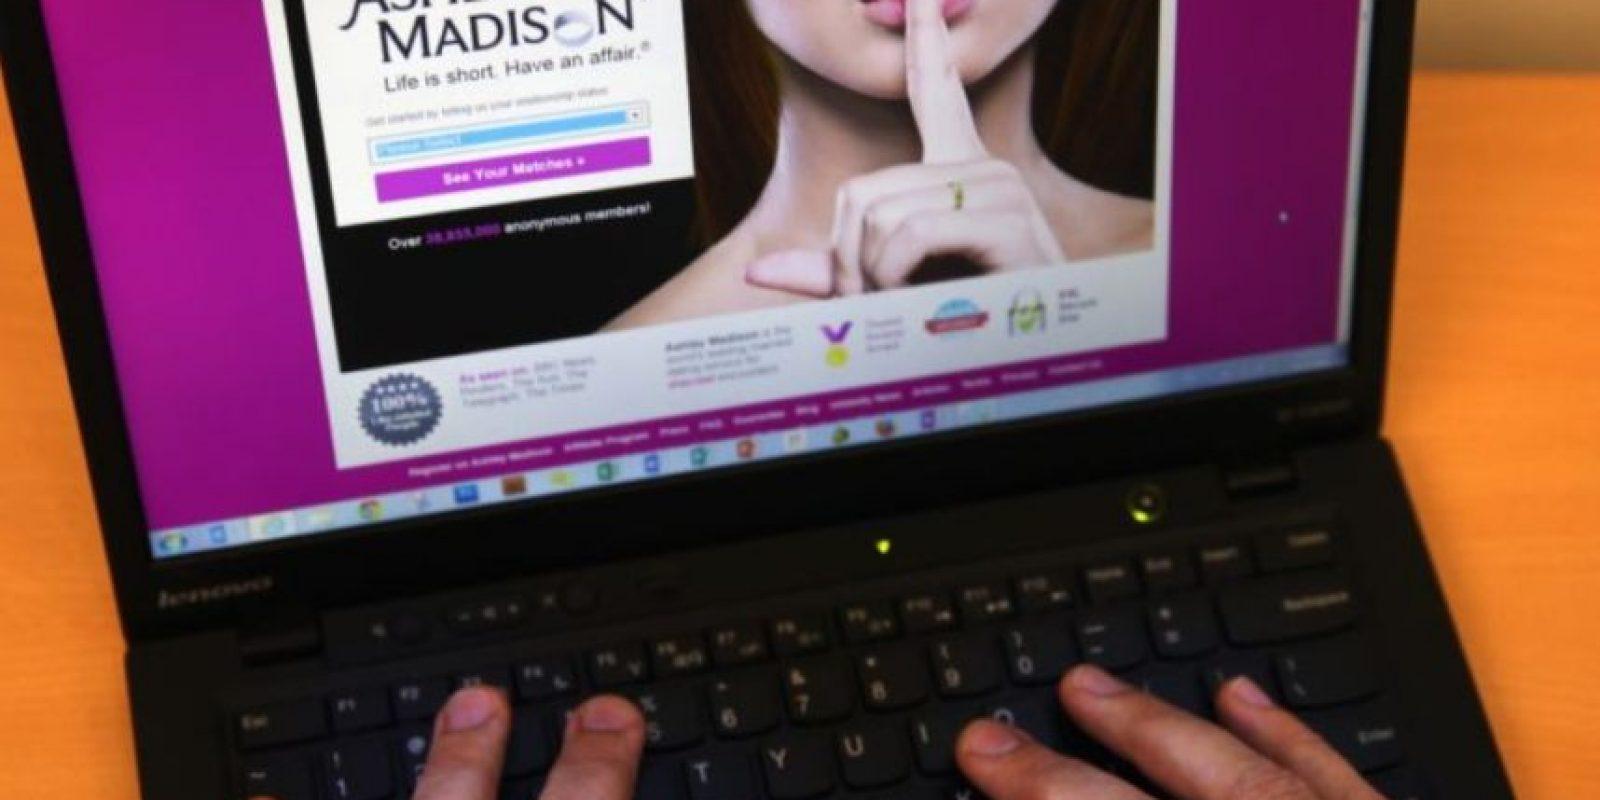 Este sitio web es especialmente popular y polémico por su temática. Foto:Getty Images